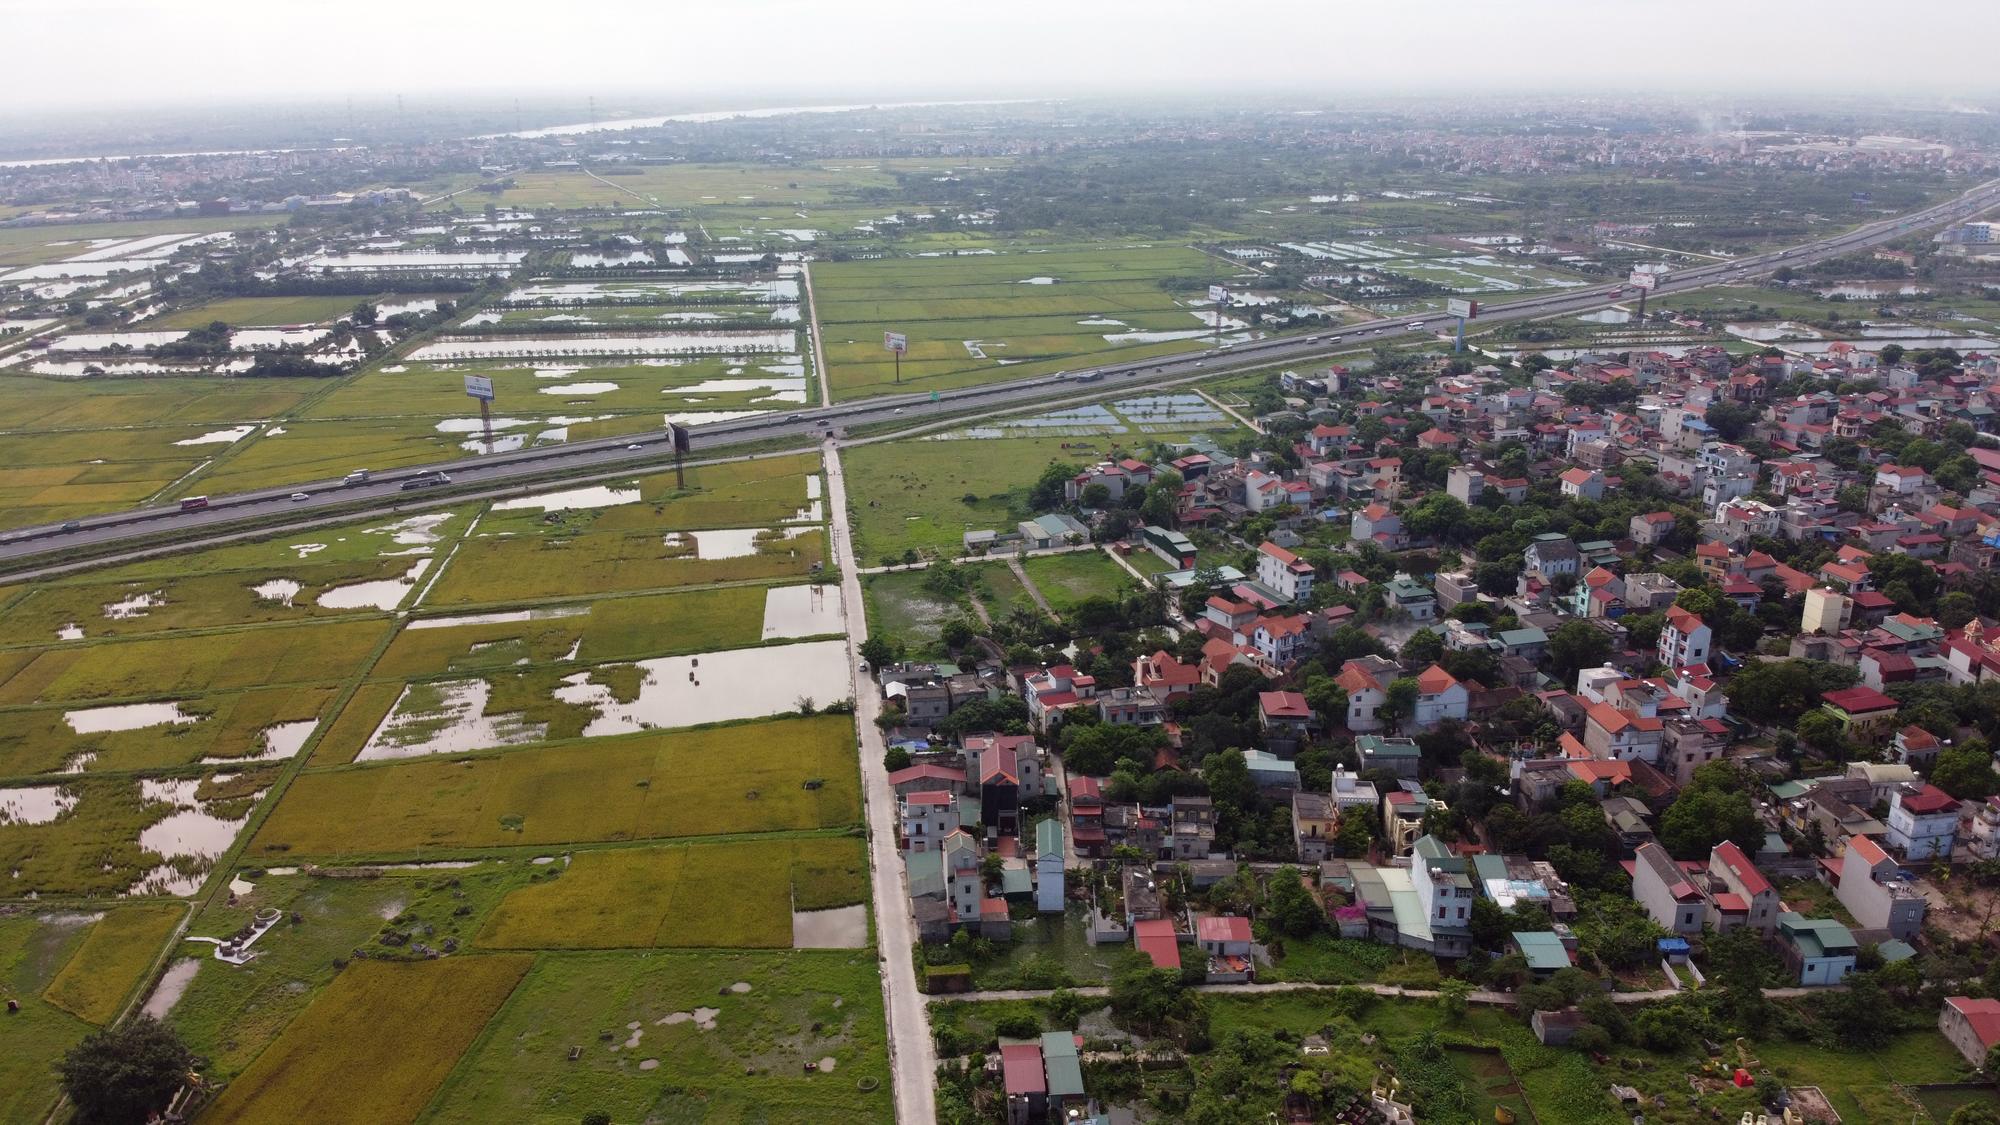 Cầu sẽ mở theo qui hoạch ở Hà Nội: Toàn cảnh vị trí làm cầu Mễ Sở nối Văn Giang - Thường Tín - Ảnh 13.